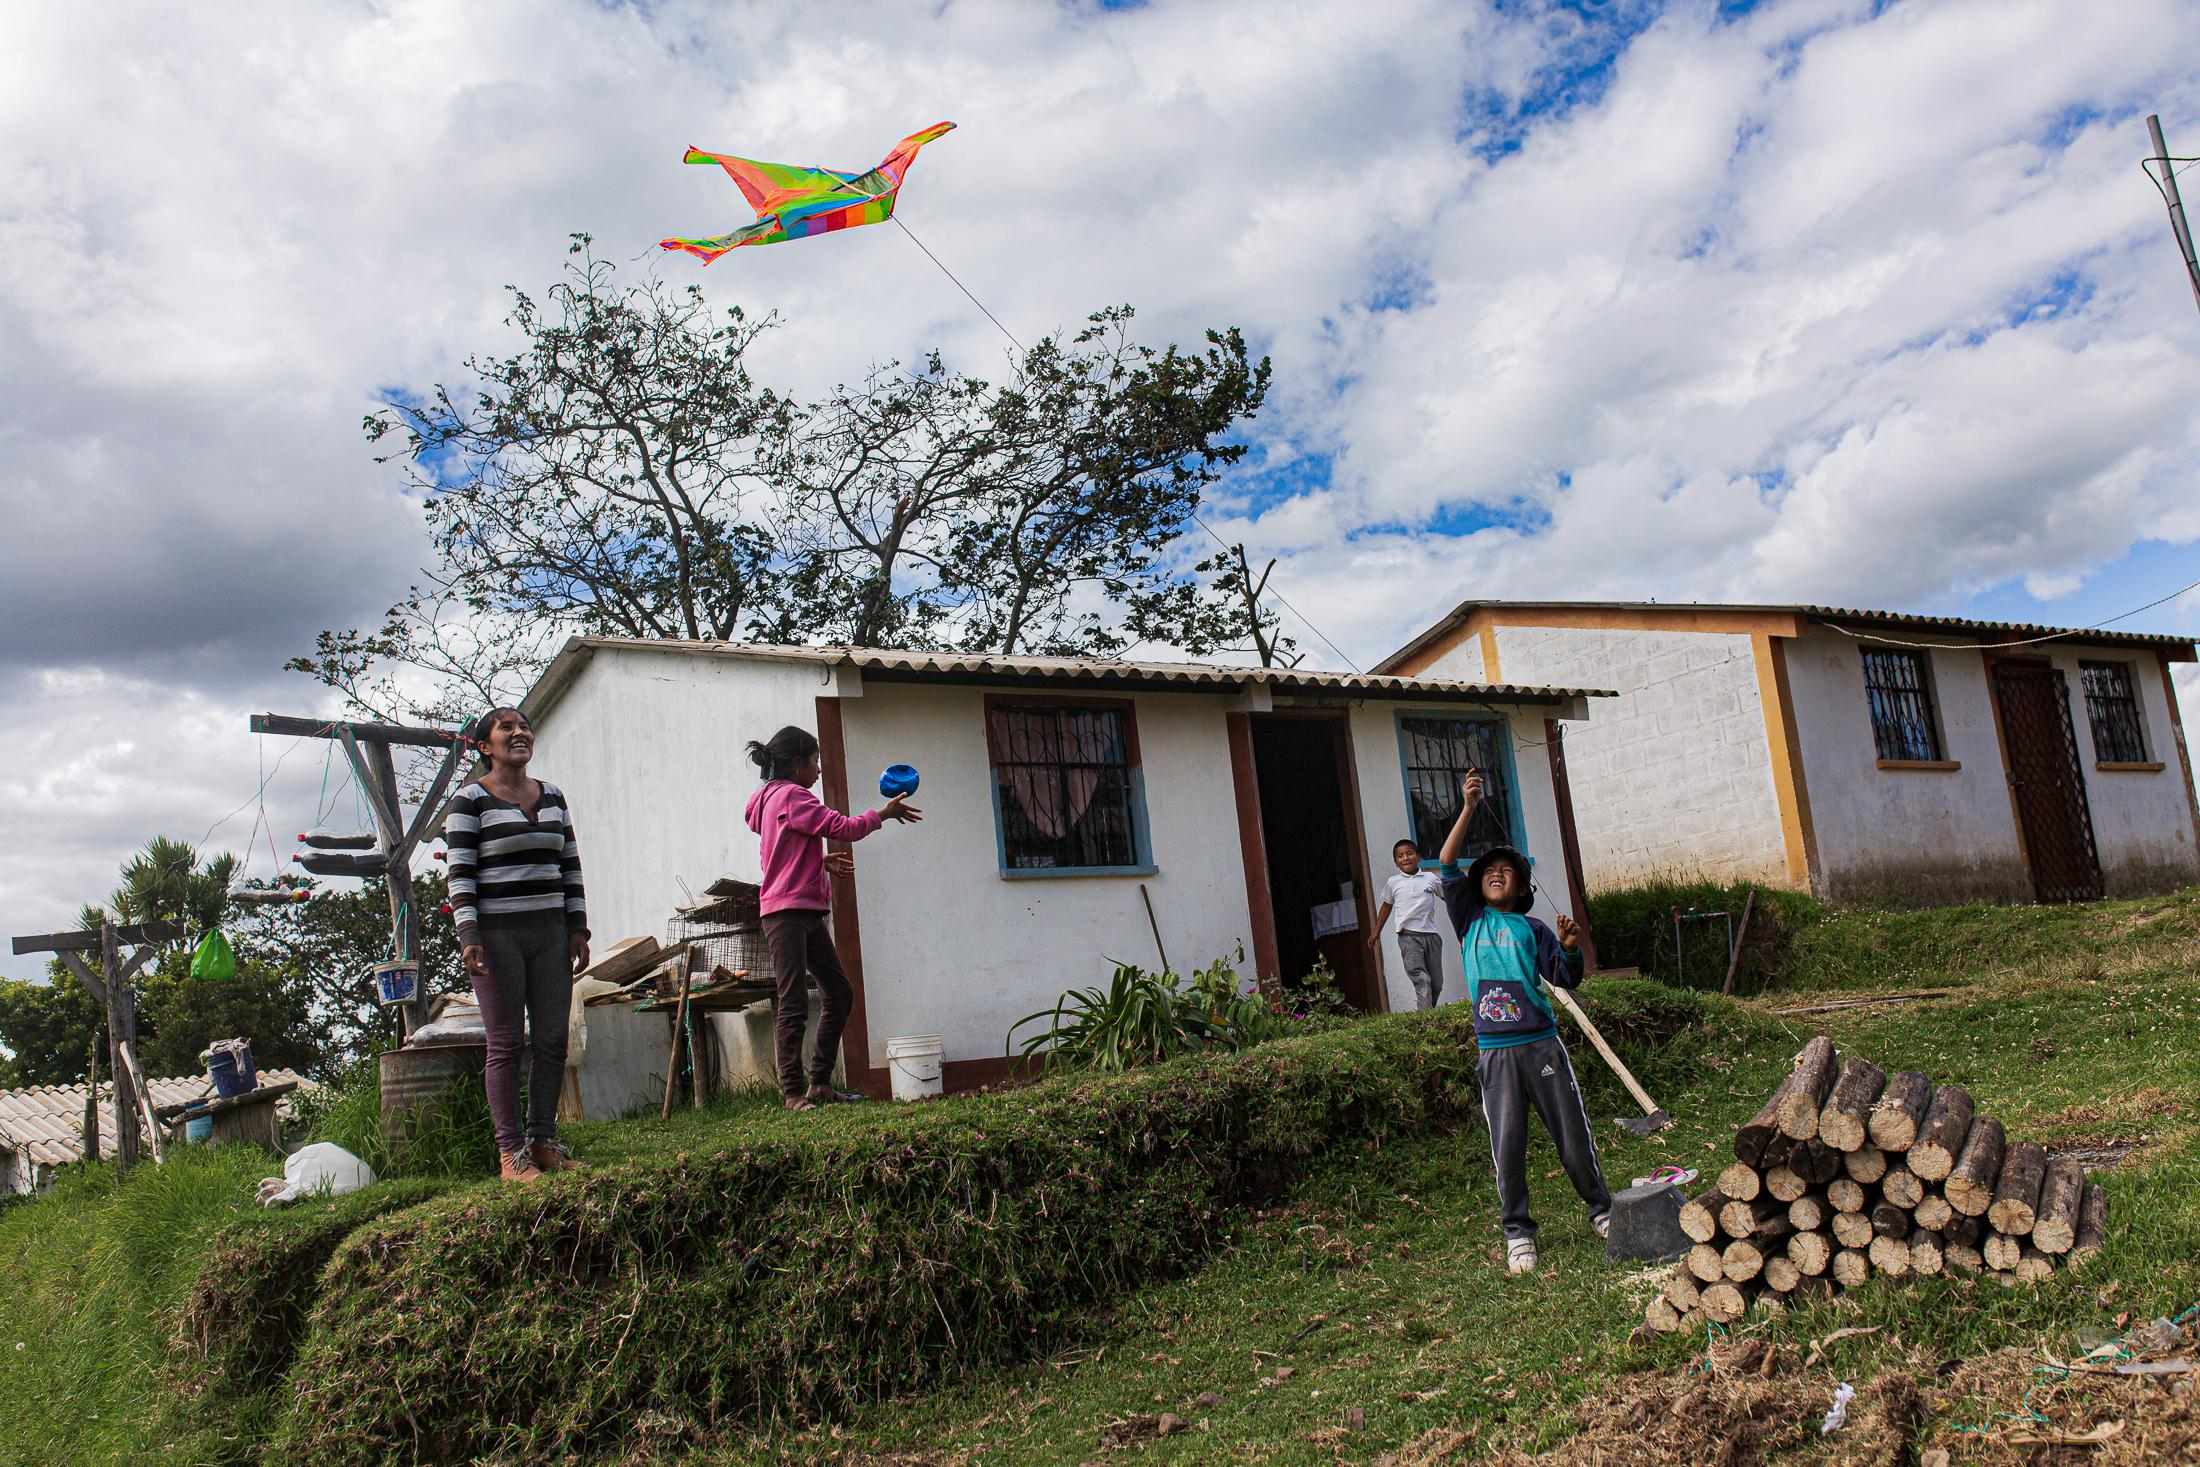 Sandra Guallichico (32) junto con sus hijos Celina (12), César (8) y Francisco (11) pasan parte de su día afuera de casa, jugando, cuidando sus sembríos. Cuando el clima lo permite les gusta salir a volar cometa. 26 de mayo de 2020. Cotogchoa-Ecuador. Andrés Yépez. La cotidianidad en las zonas rurales ha sido afectada de diferente manera que en las zonas urbanas. Su confinamiento no se limita a estar dentro de casa. El campo es parte de su casa.